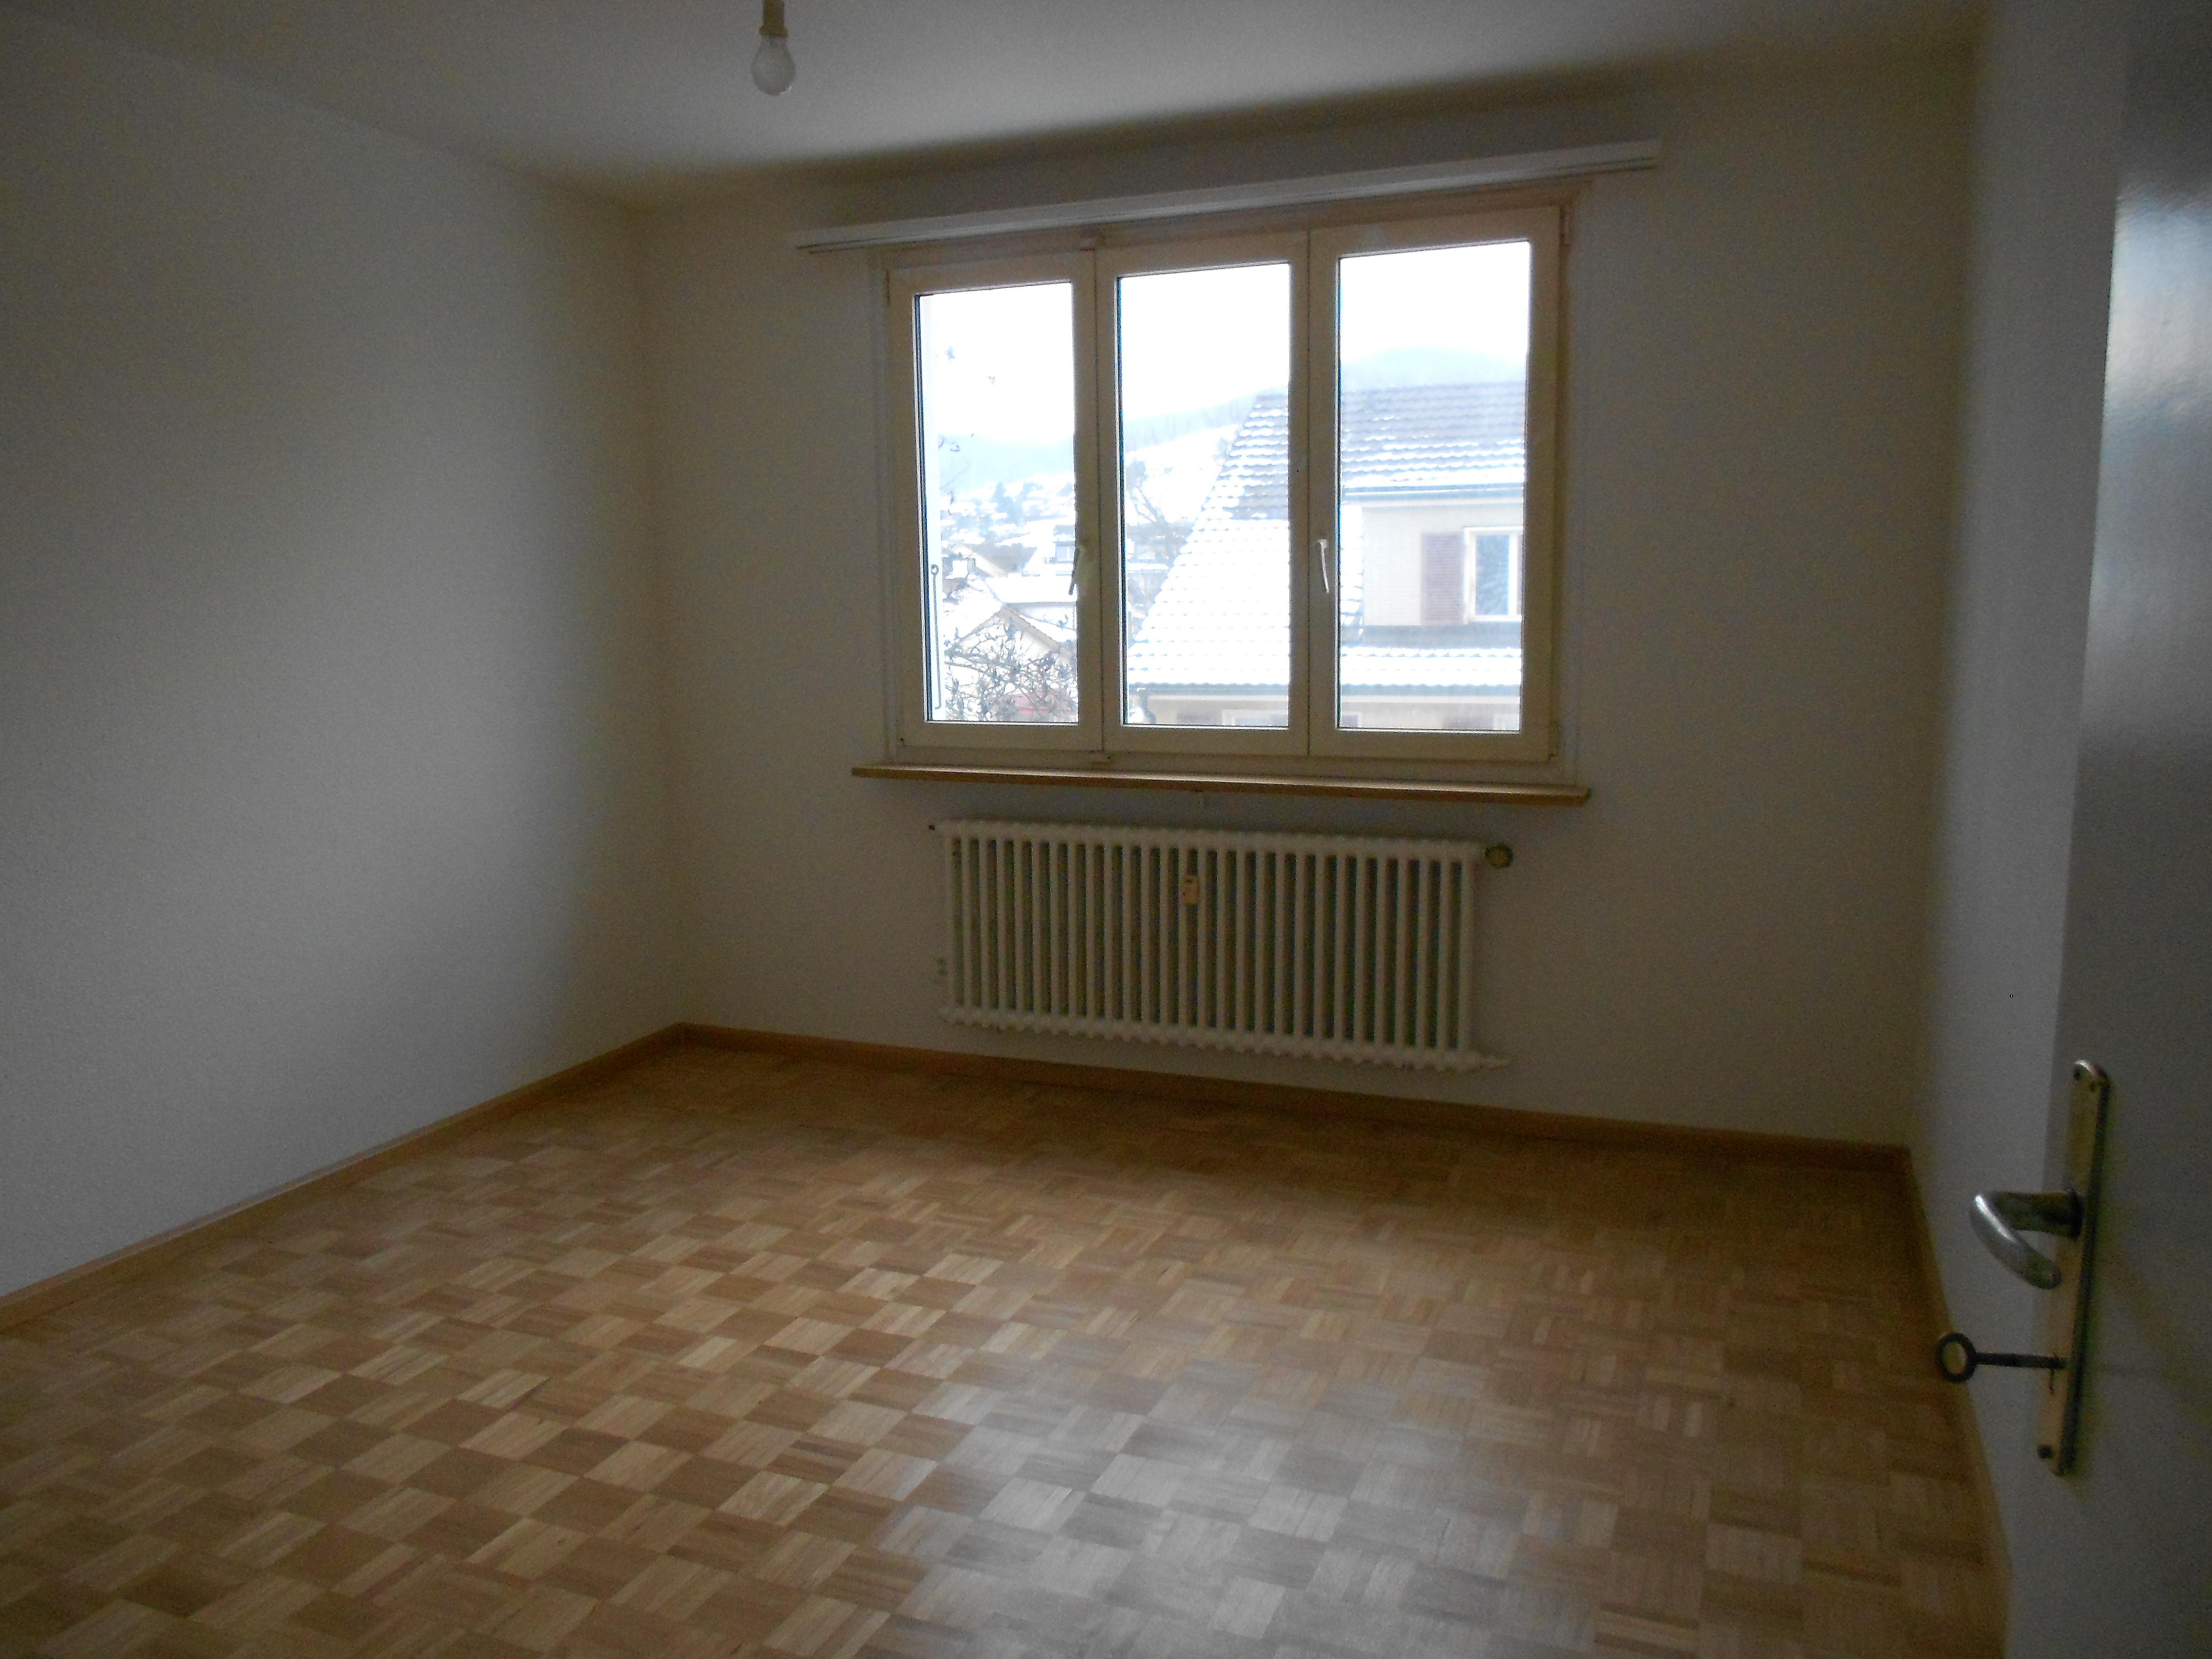 Miete: Grosszügige Dachwohnung für Single